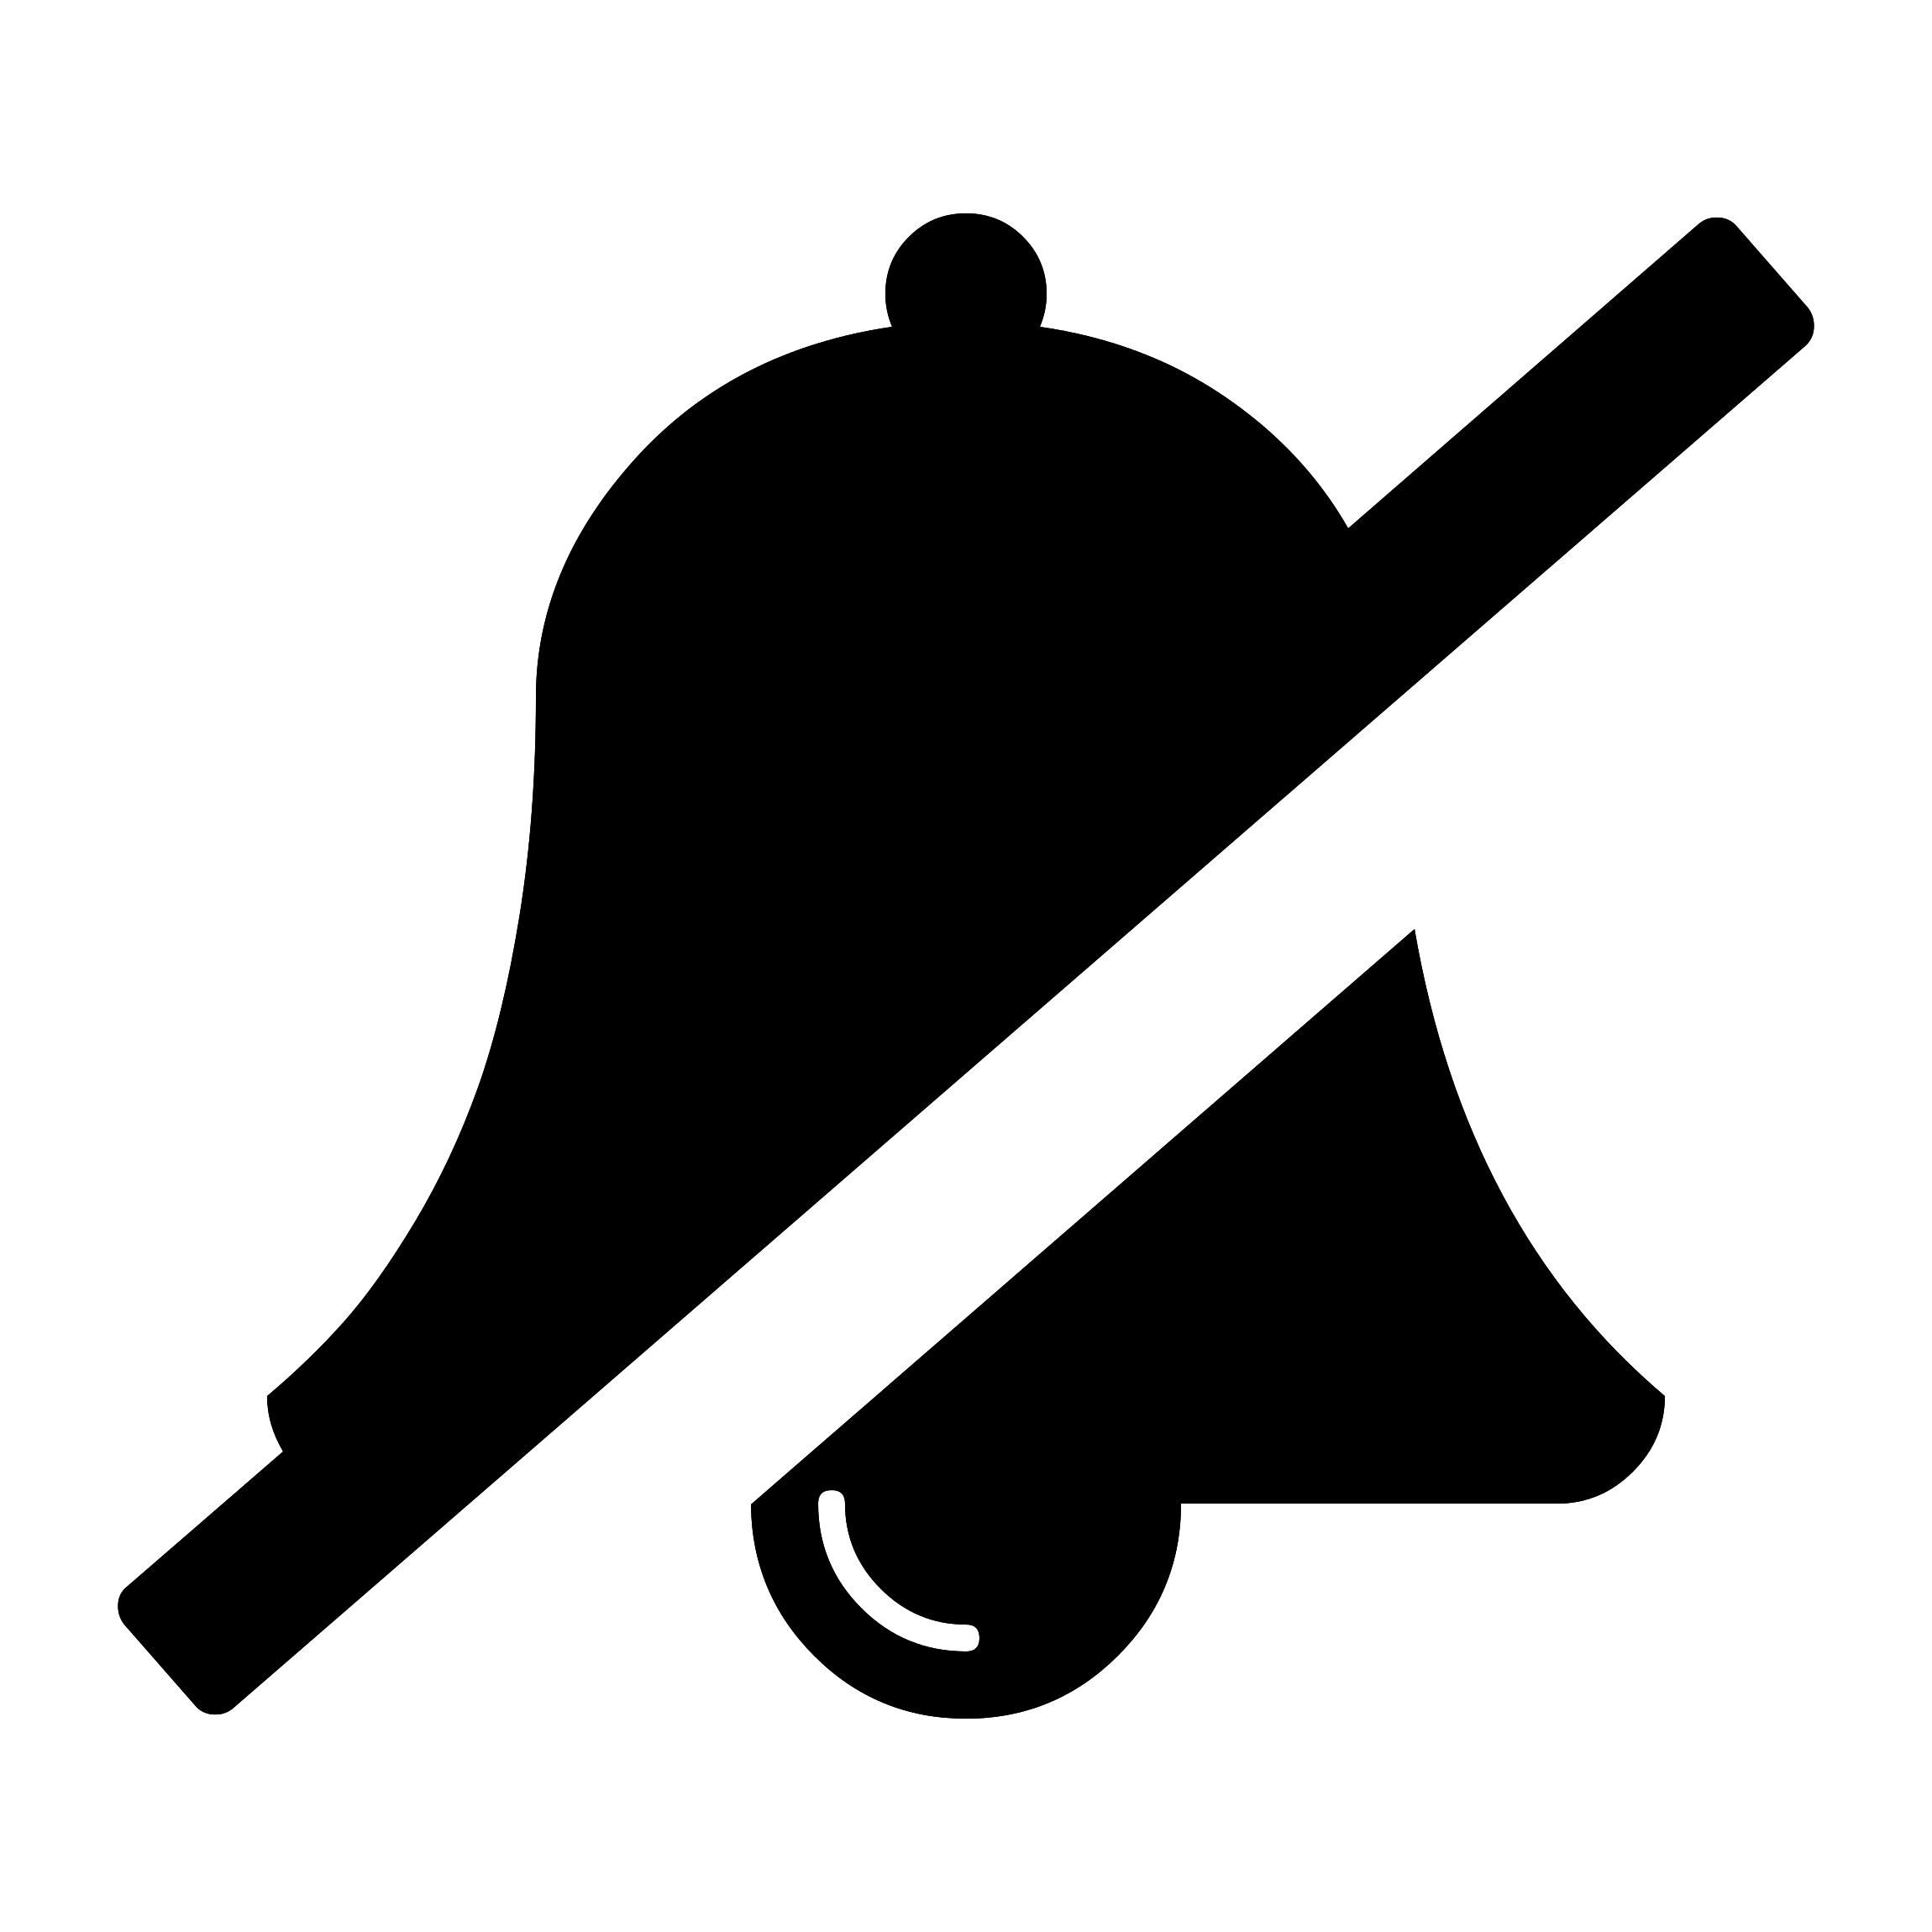 data/images/bell-slash.png